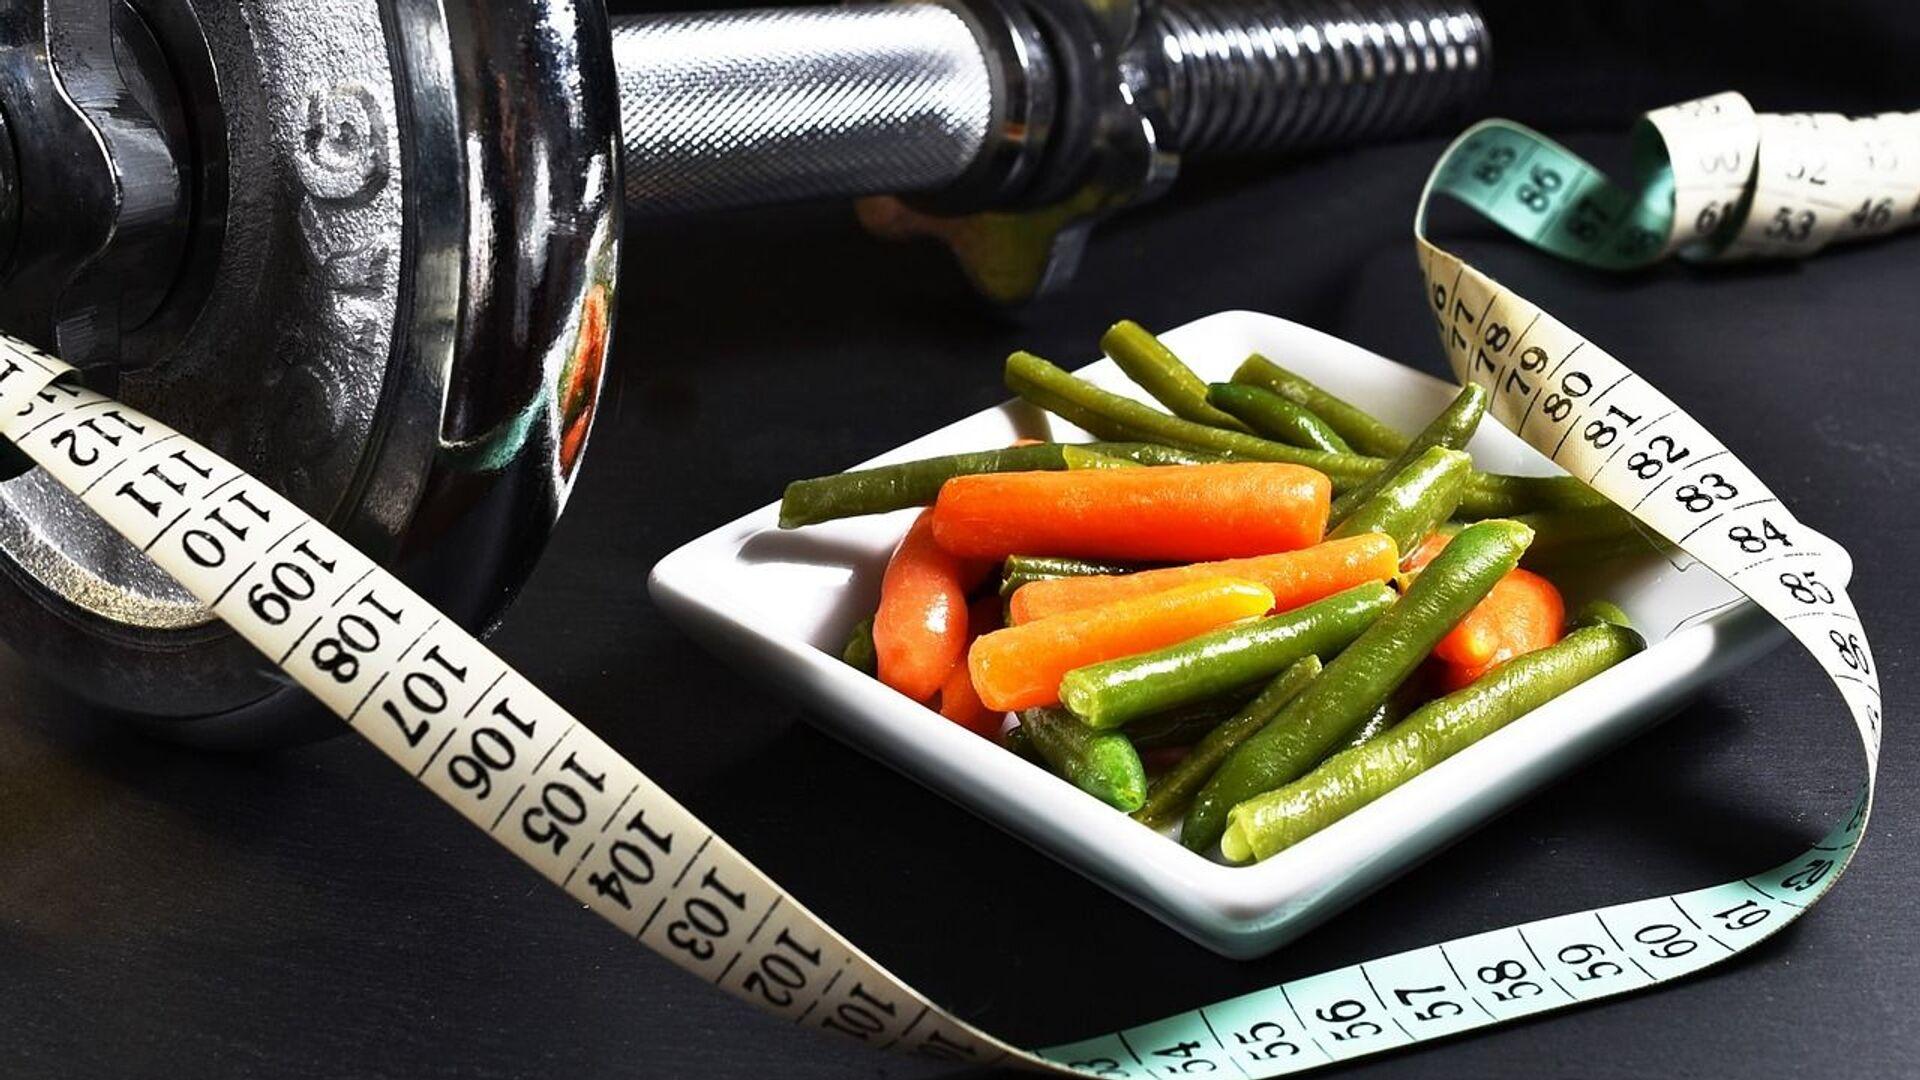 Perché è così difficile dimagrire? Questione di geni, dicono gli scienziati - Sputnik Italia, 1920, 12.09.2021